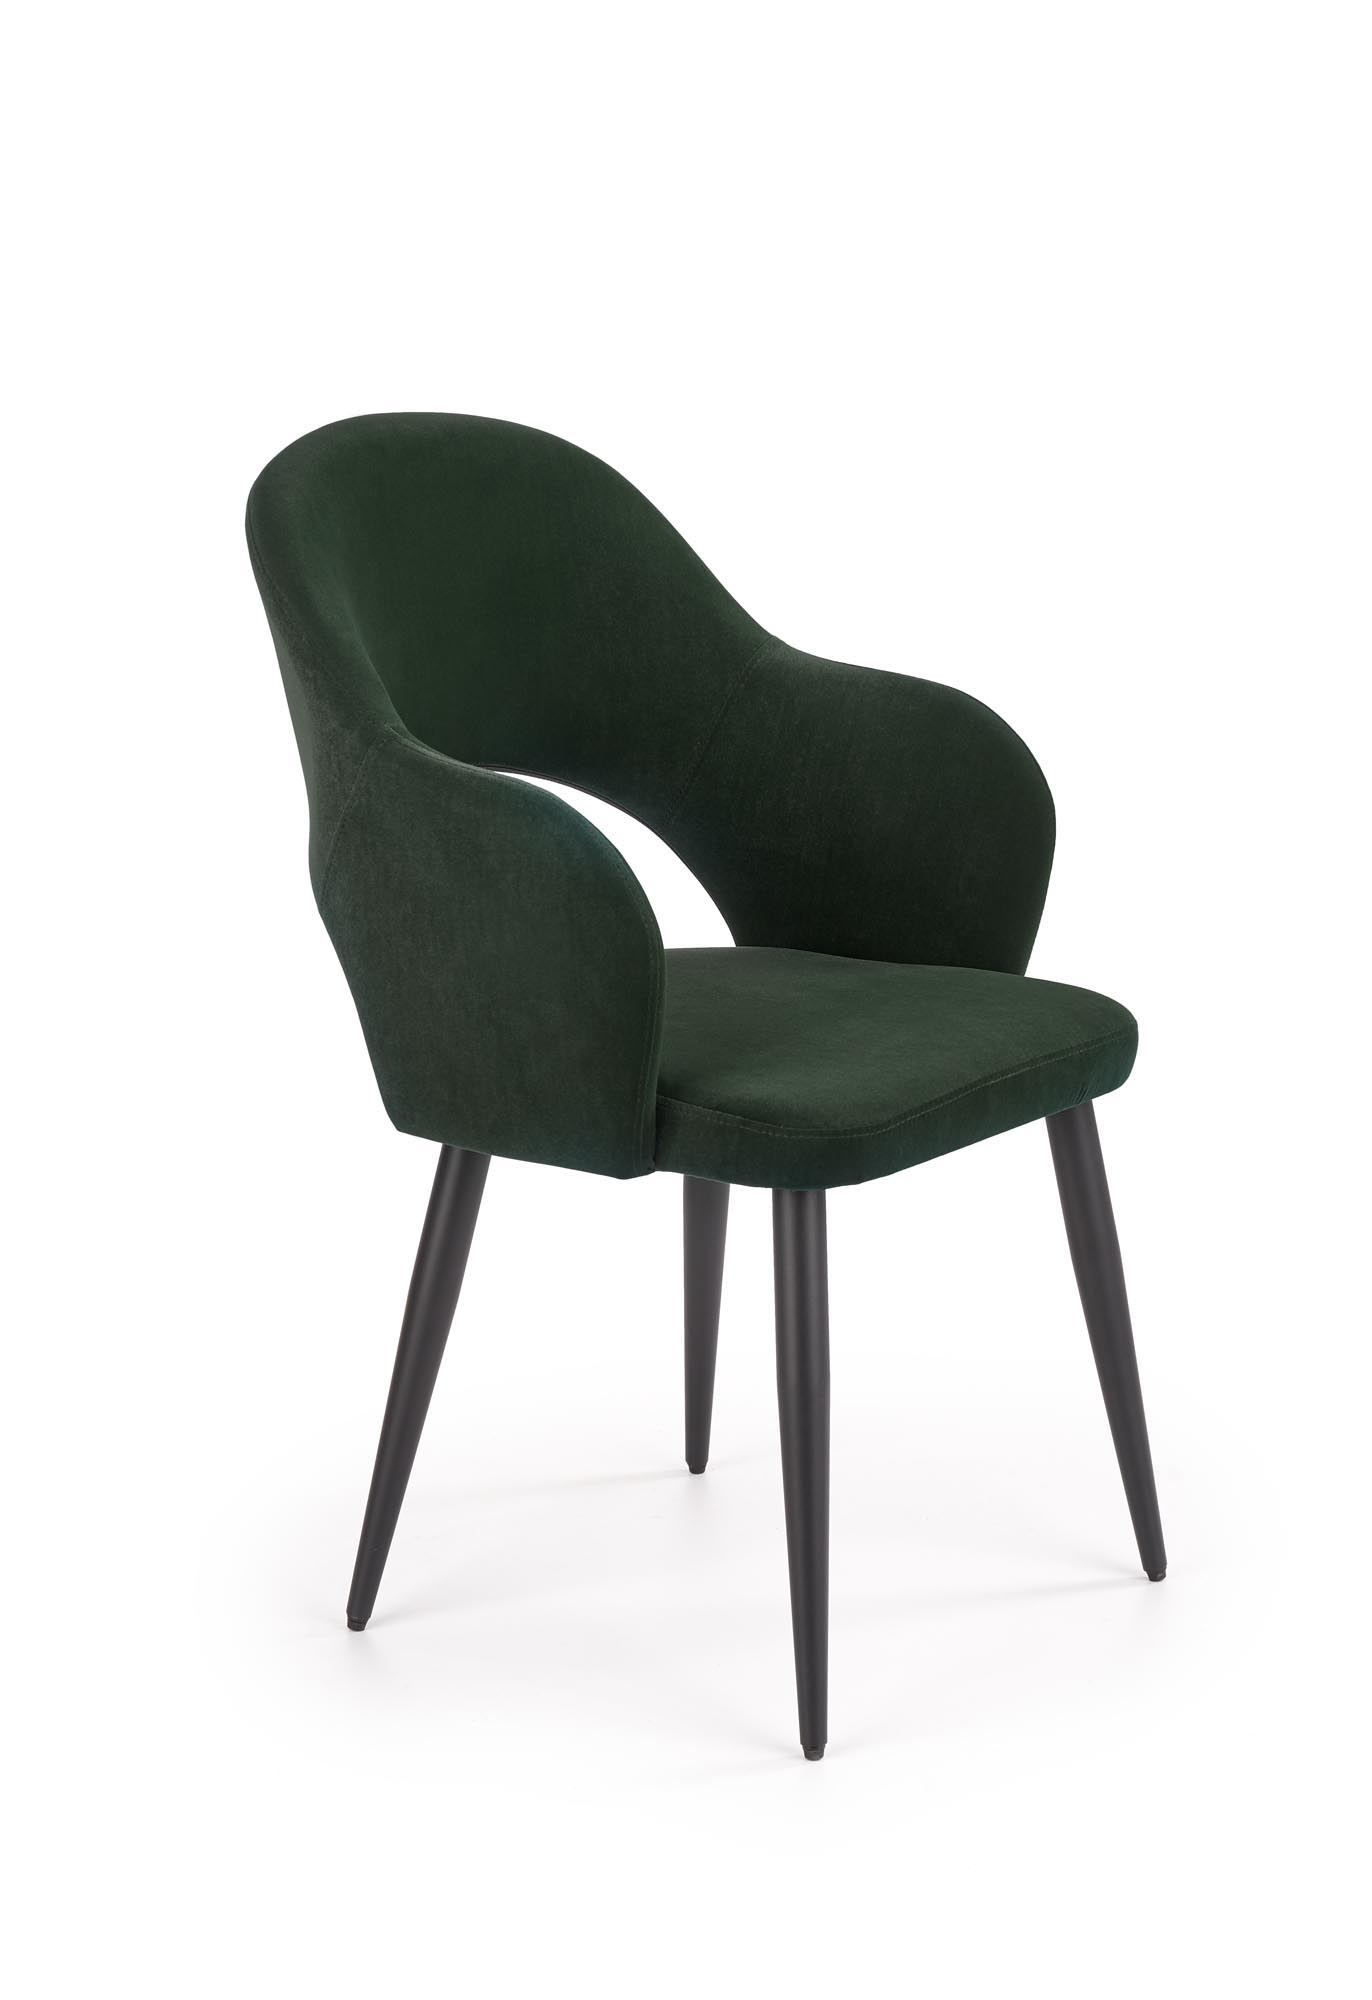 K364 krzesło ciemny zielony